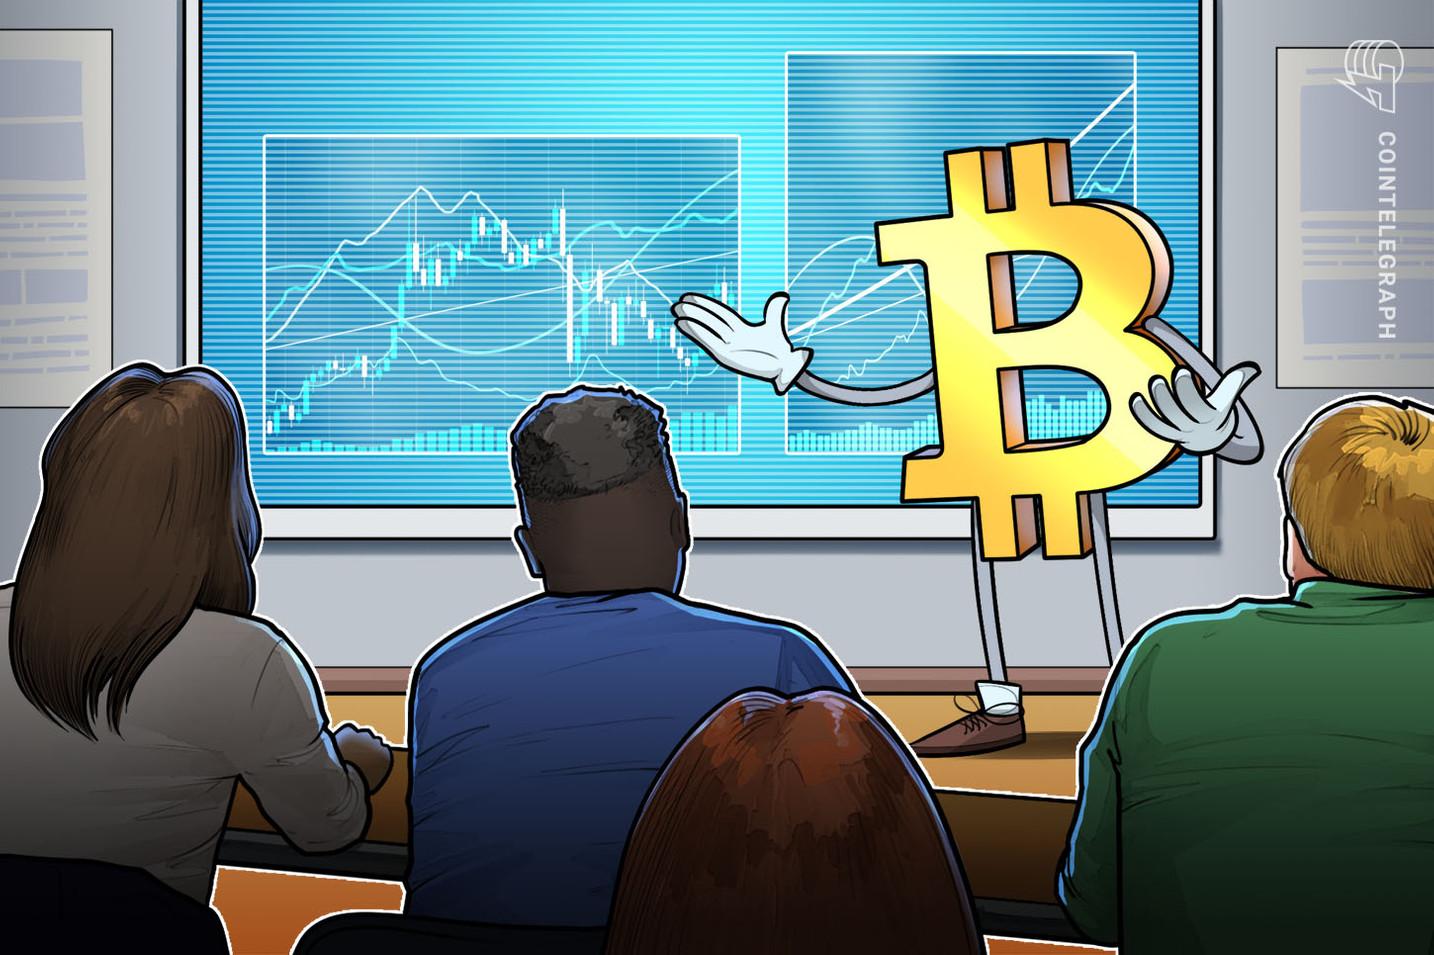 Le riserve di Bitcoin su Coinbase scendono al livello più basso da dicembre 2017